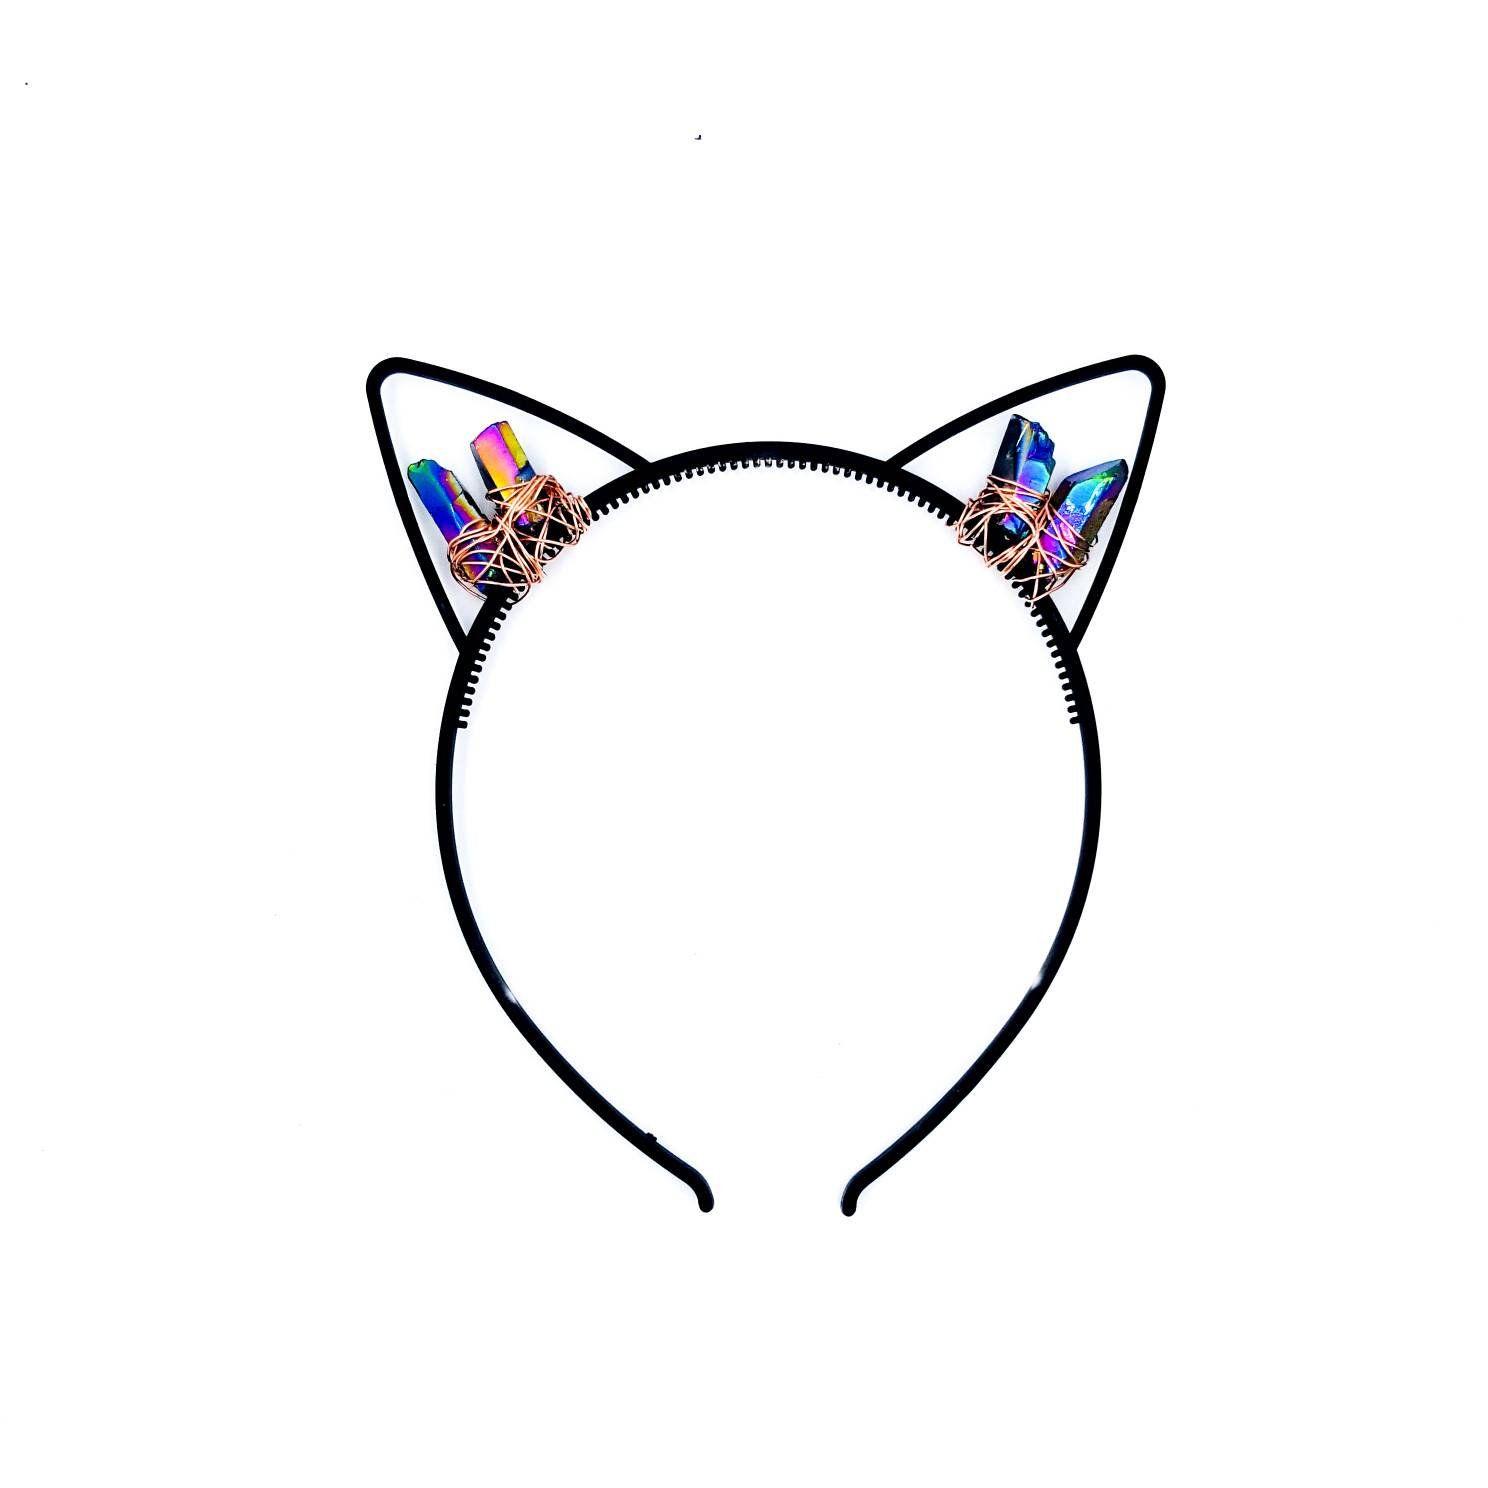 1488x1488 cat ears kitten play ears headpiece headband, crystal cat ears